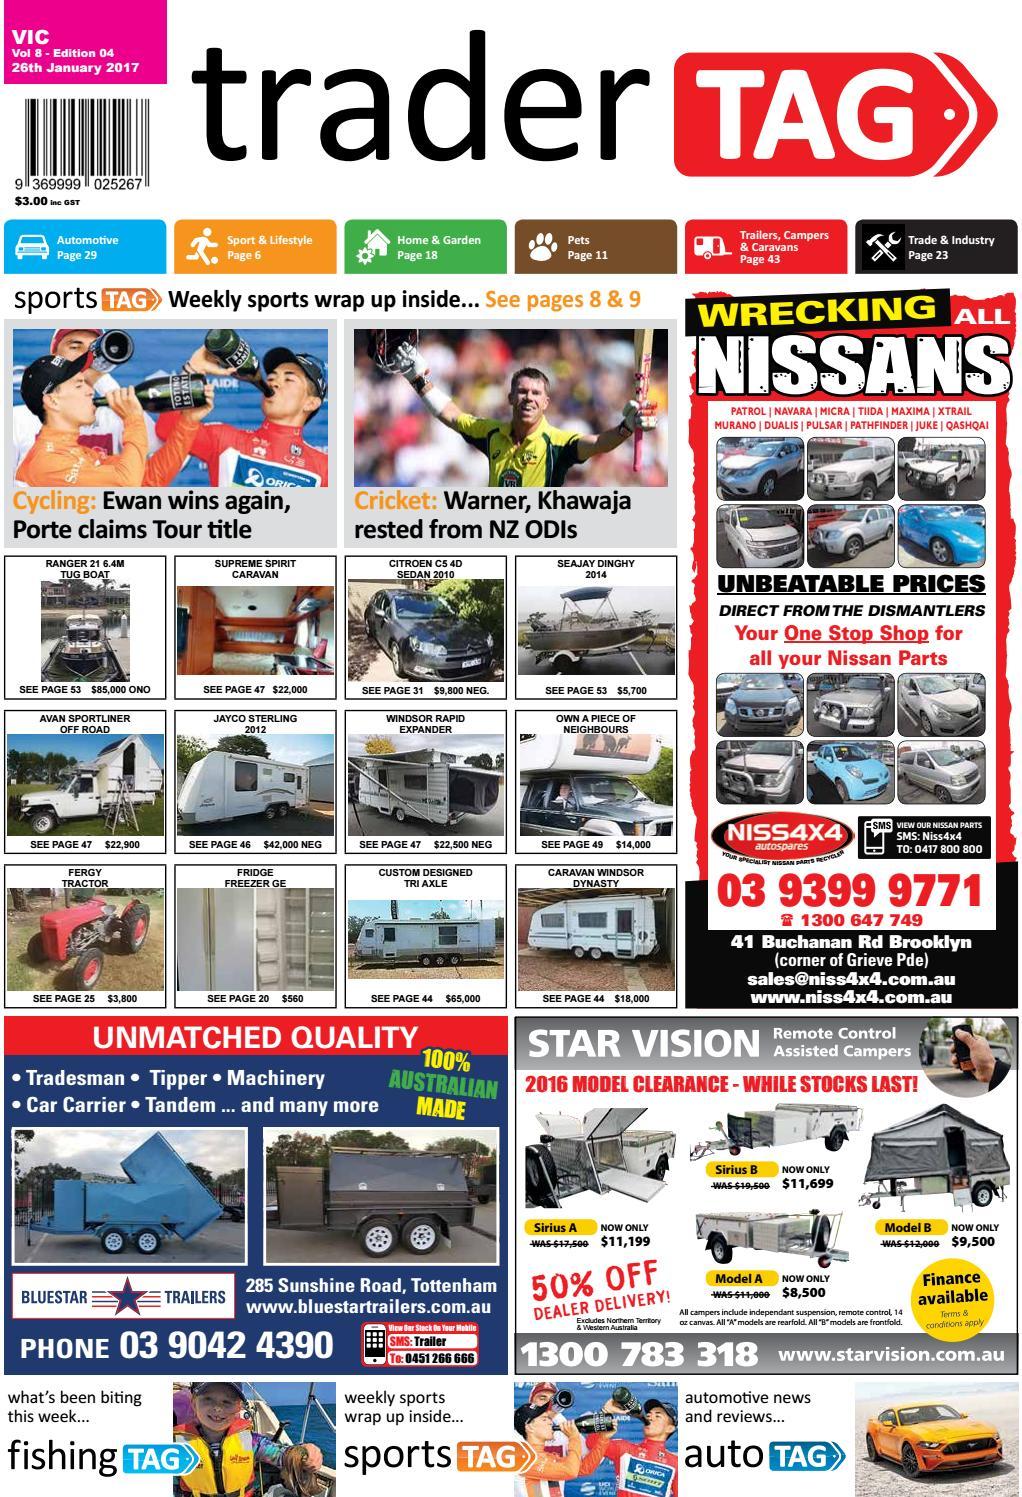 TraderTAG Victoria Edition 04 2017 by TraderTAG Design